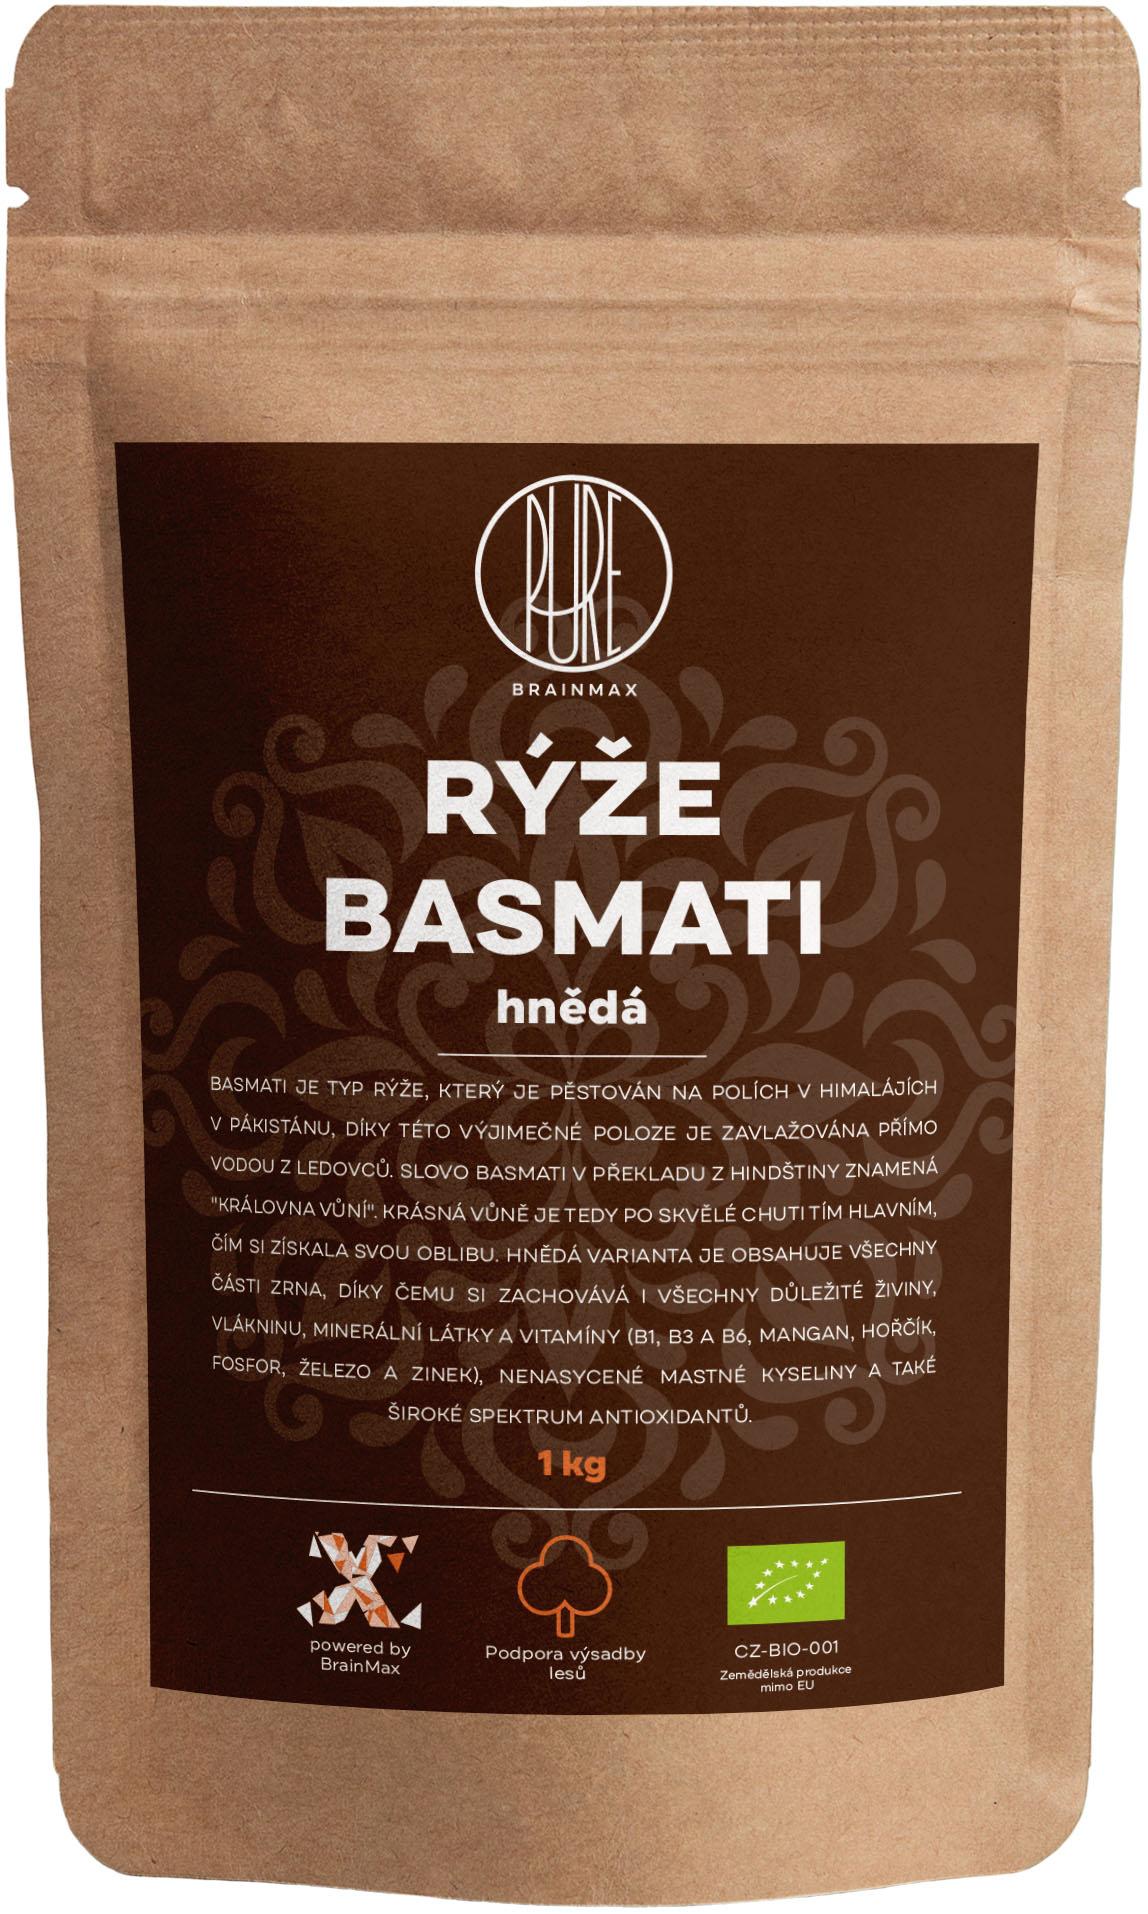 BrainMax Pure Rýže - hnědá, Basmati BIO, 1kg *CZ-BIO-001 certifikát